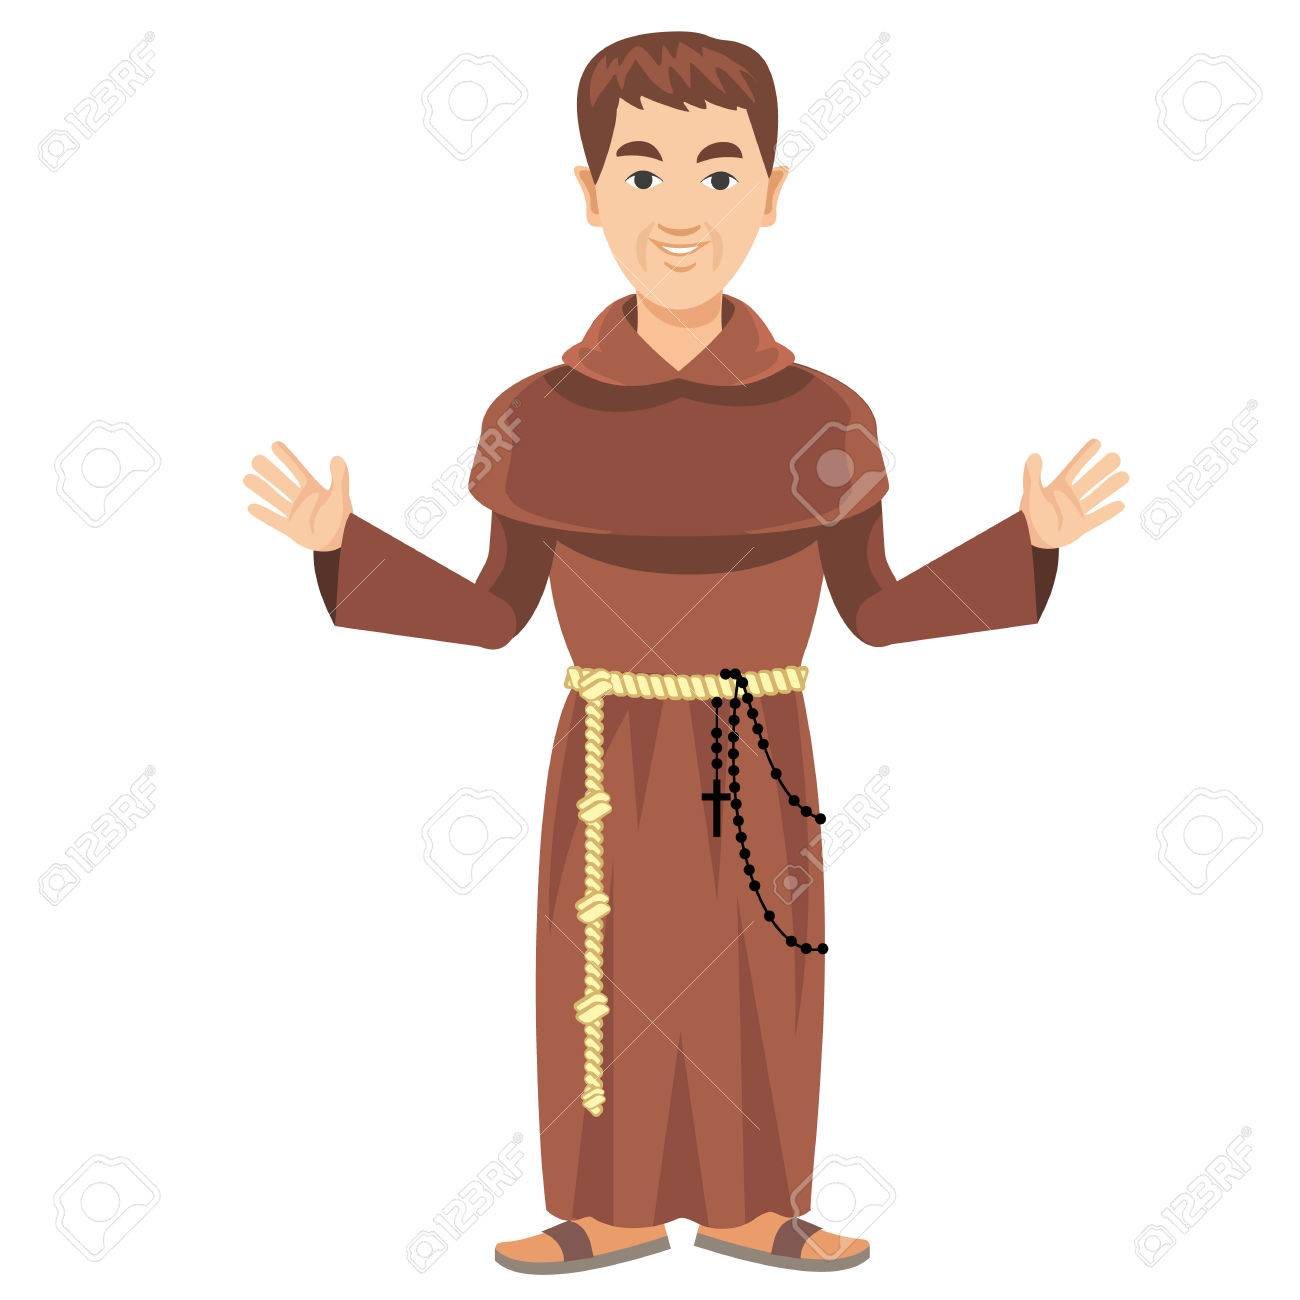 カソックとロザリオのフランシスコ会修道士のイラスト素材・ベクタ ...